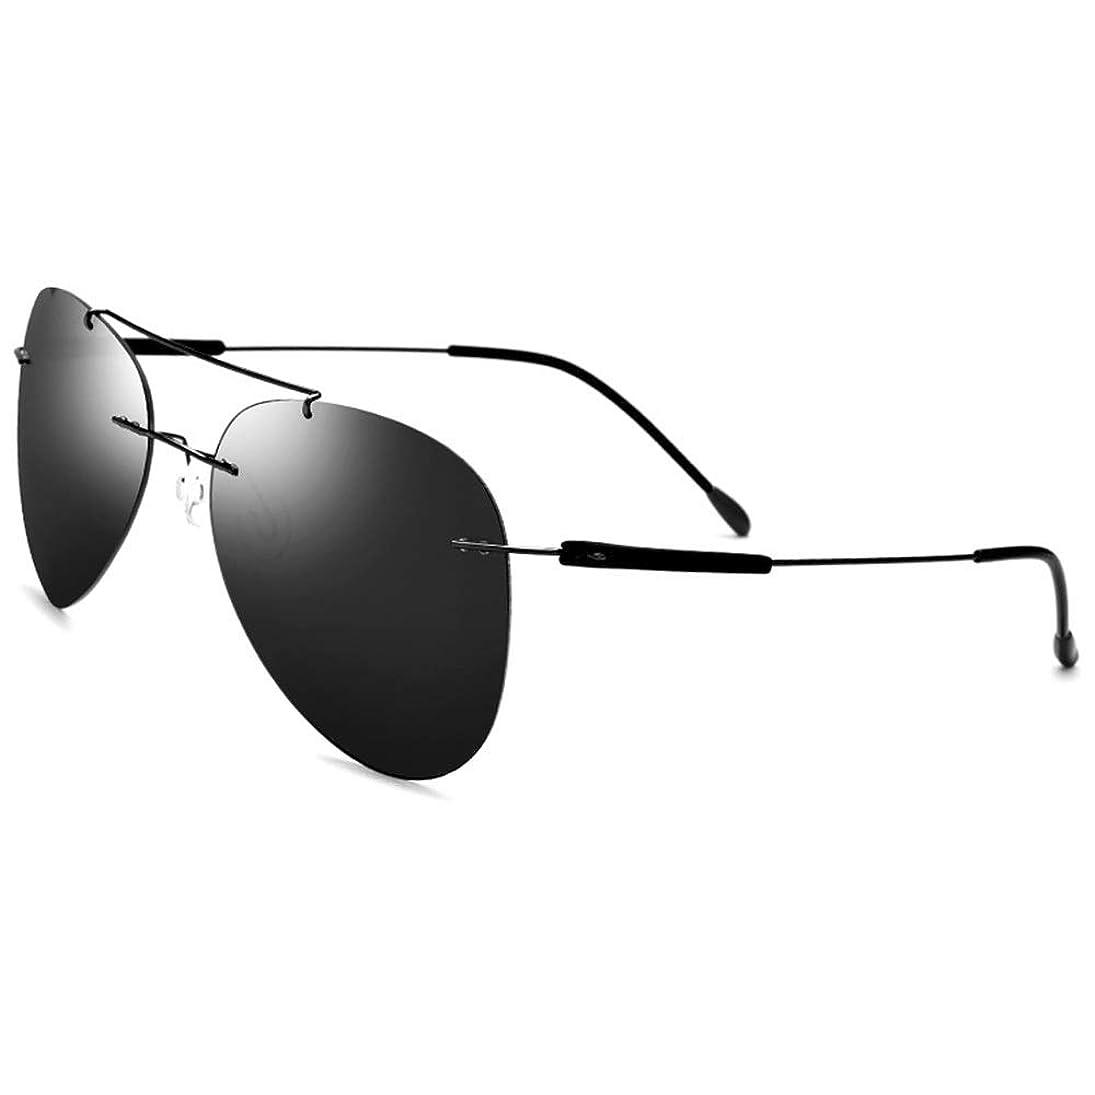 誘発する変わるハッピーサングラス 100%チタンサングラス超軽量リムレスメンズサングラス偏光メガネ運転スポーツサングラス, ファッションサングラス